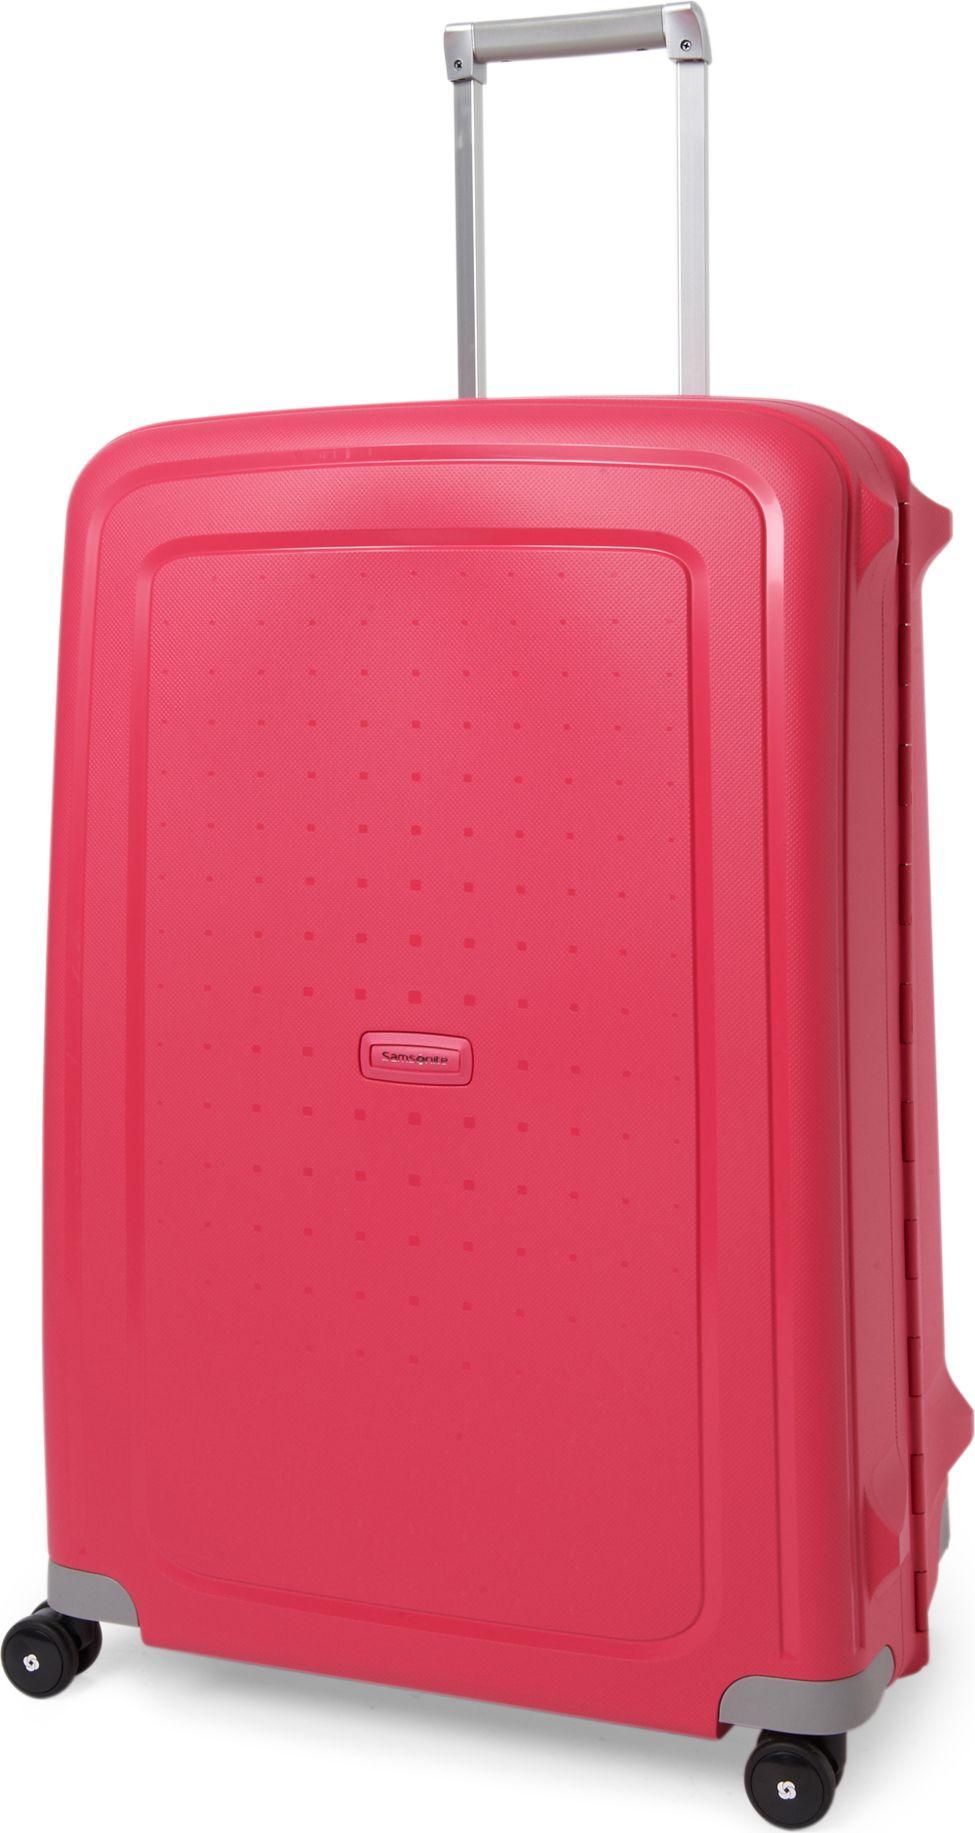 samsonite scure four wheel suitcase 75cm in pink for men. Black Bedroom Furniture Sets. Home Design Ideas